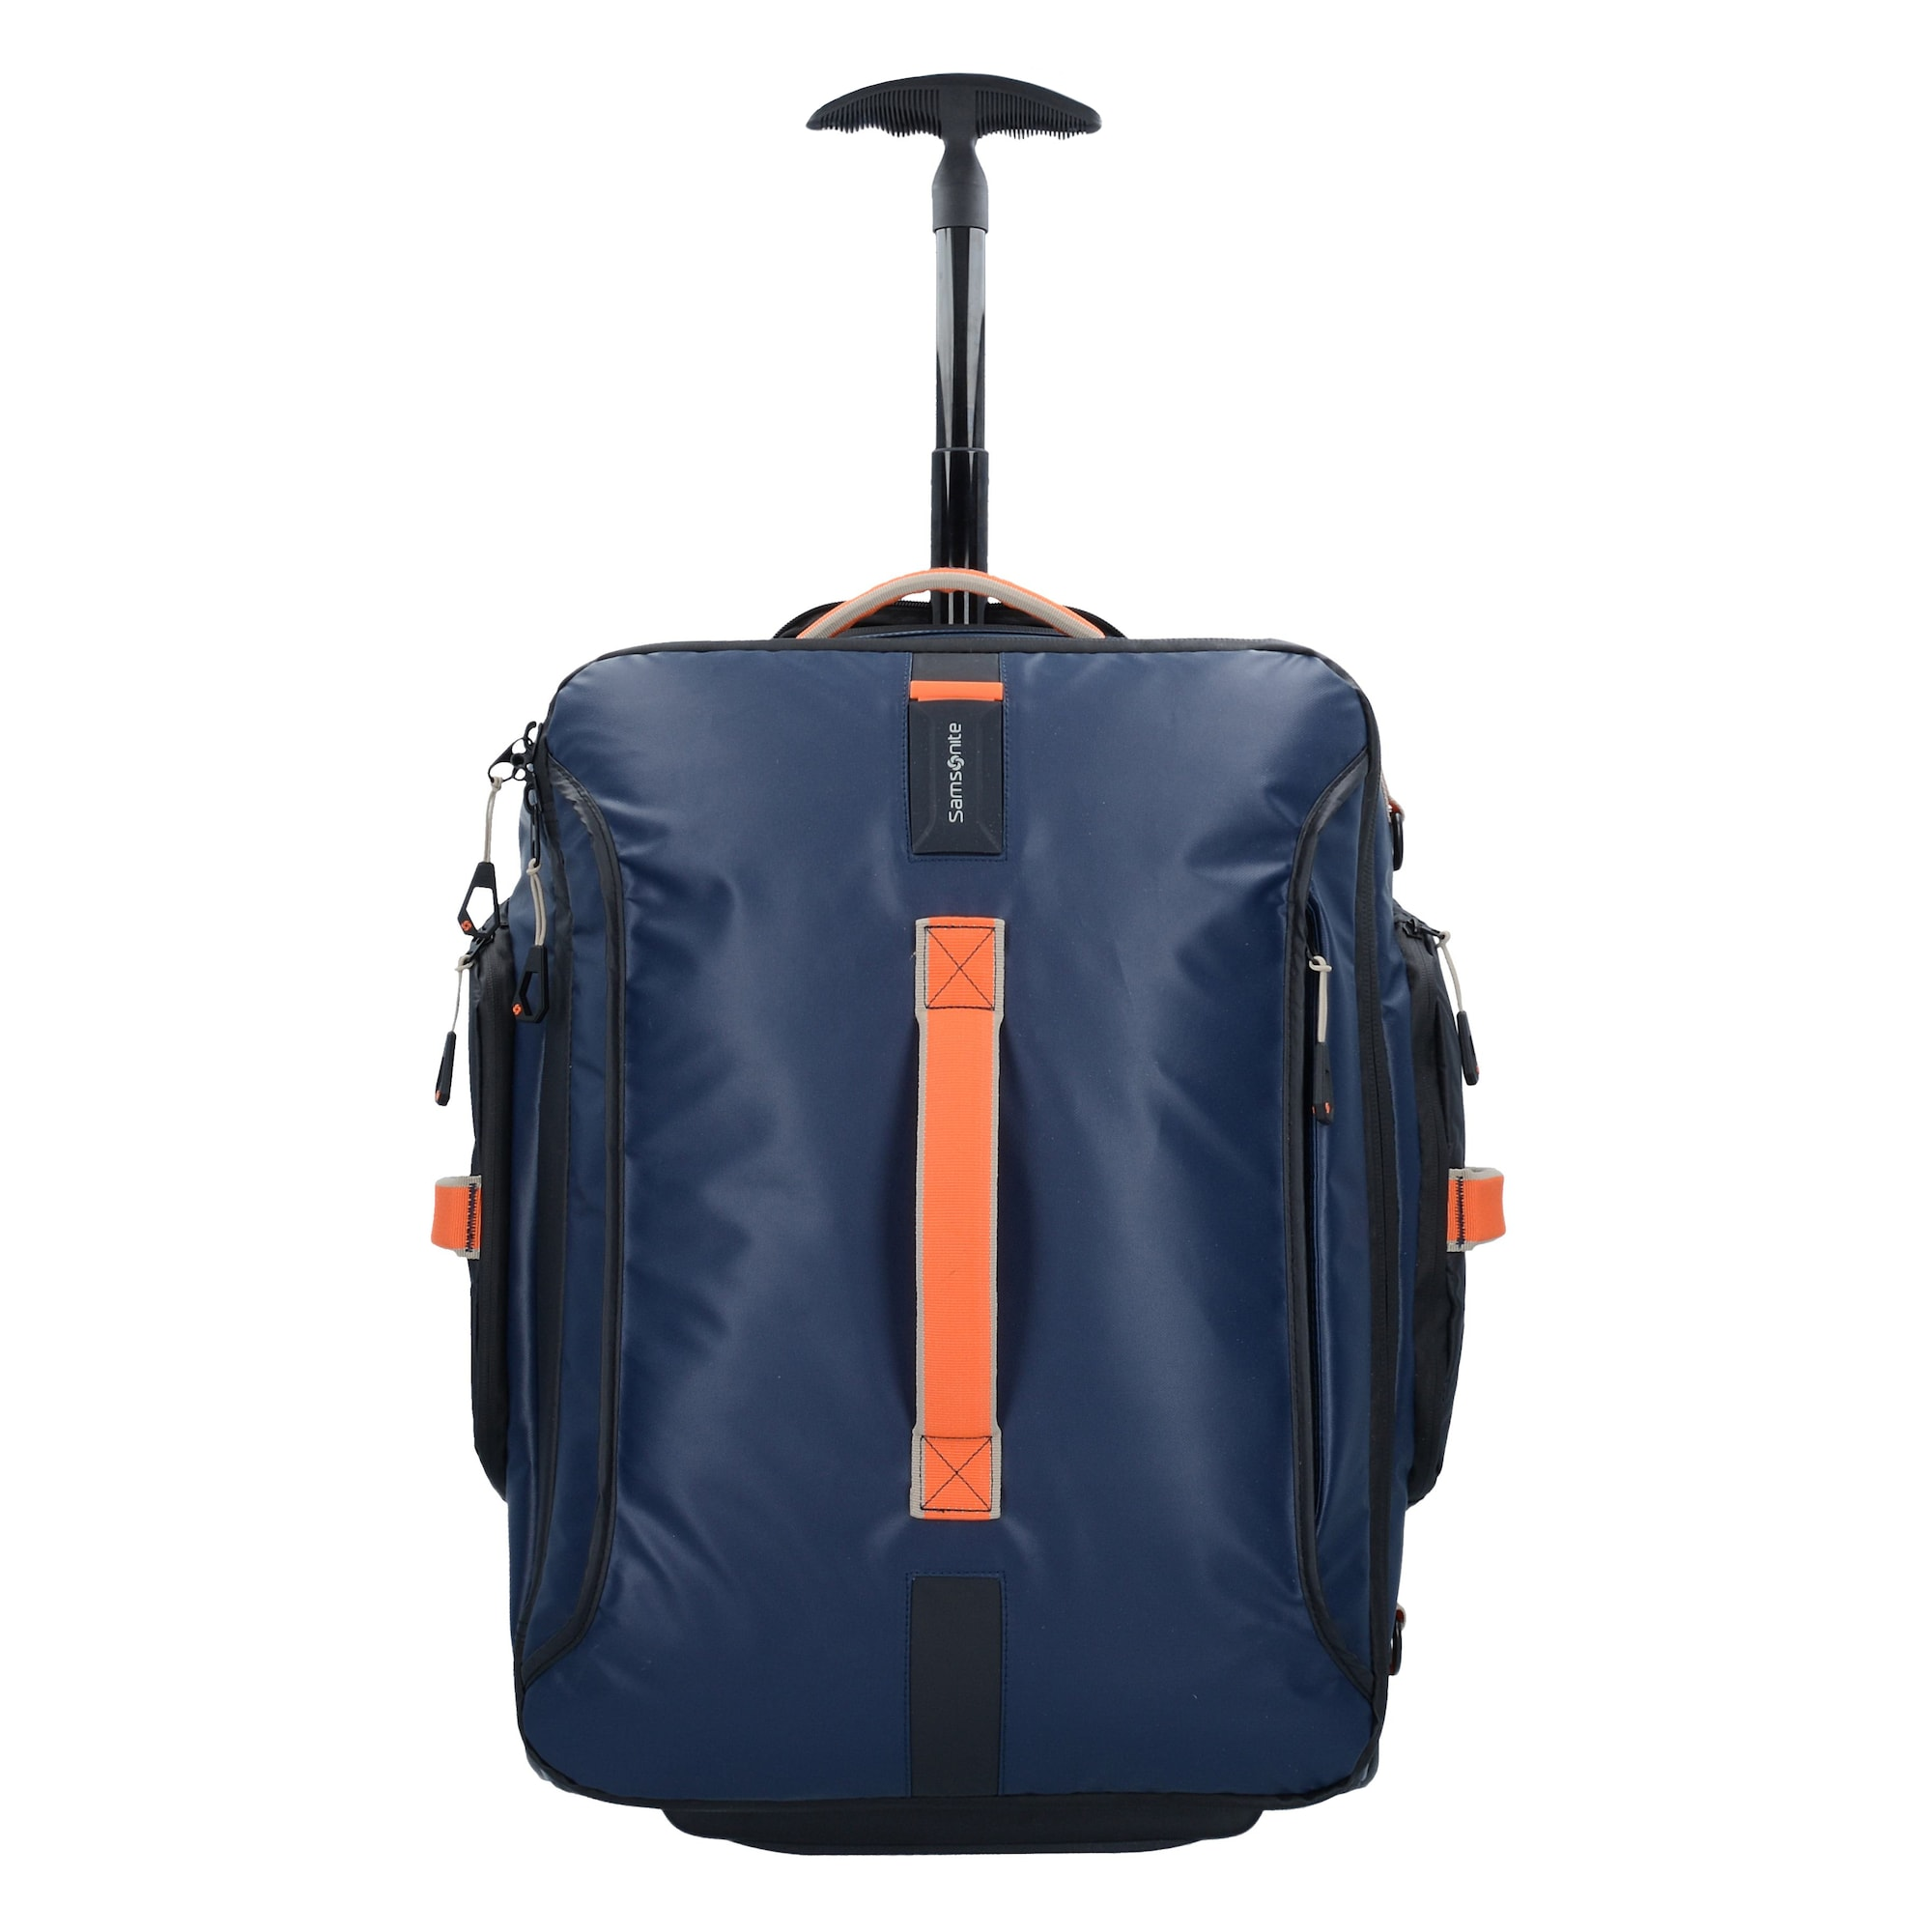 Rollen-Reisetasche ´Paradiver Light´